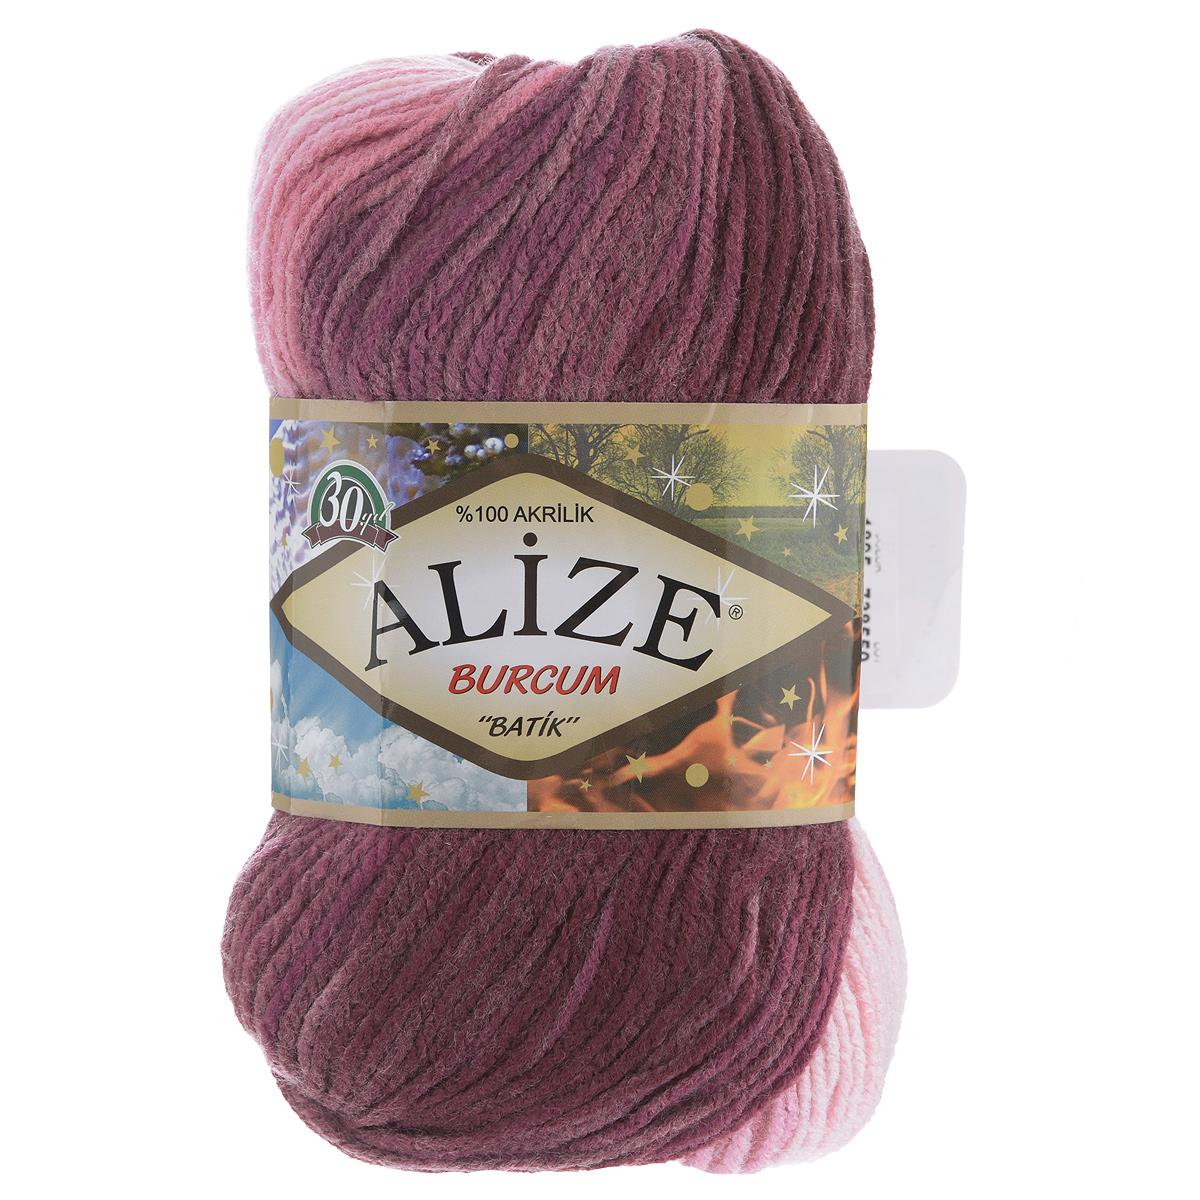 Пряжа для вязания Alize Burсum Batik, цвет: розовый, светло-розовый, бордовый (1895), 210 м, 100 г, 5 шт364118_1895Пряжа Alize Burсum Batik - это классическая демисезонная пряжа секционного крашения. Она мягкая, «нескрипучая». Нить плотно скручена, после распускания не деформируется. Связанные вещи не колются, не линяют, не теряют своей формы, не образуют катышков. Такую пряжу можно даже использовать для вязания детской одежды. Пряжа Alize Burсum Batik идеальна для создания свитеров, регланов, жилетов, кардиганов, шарфов, шапок, аксессуаров, пледов и др. Рекомендованные спицы для вязания 4-6 мм. Состав: 100% акрил.